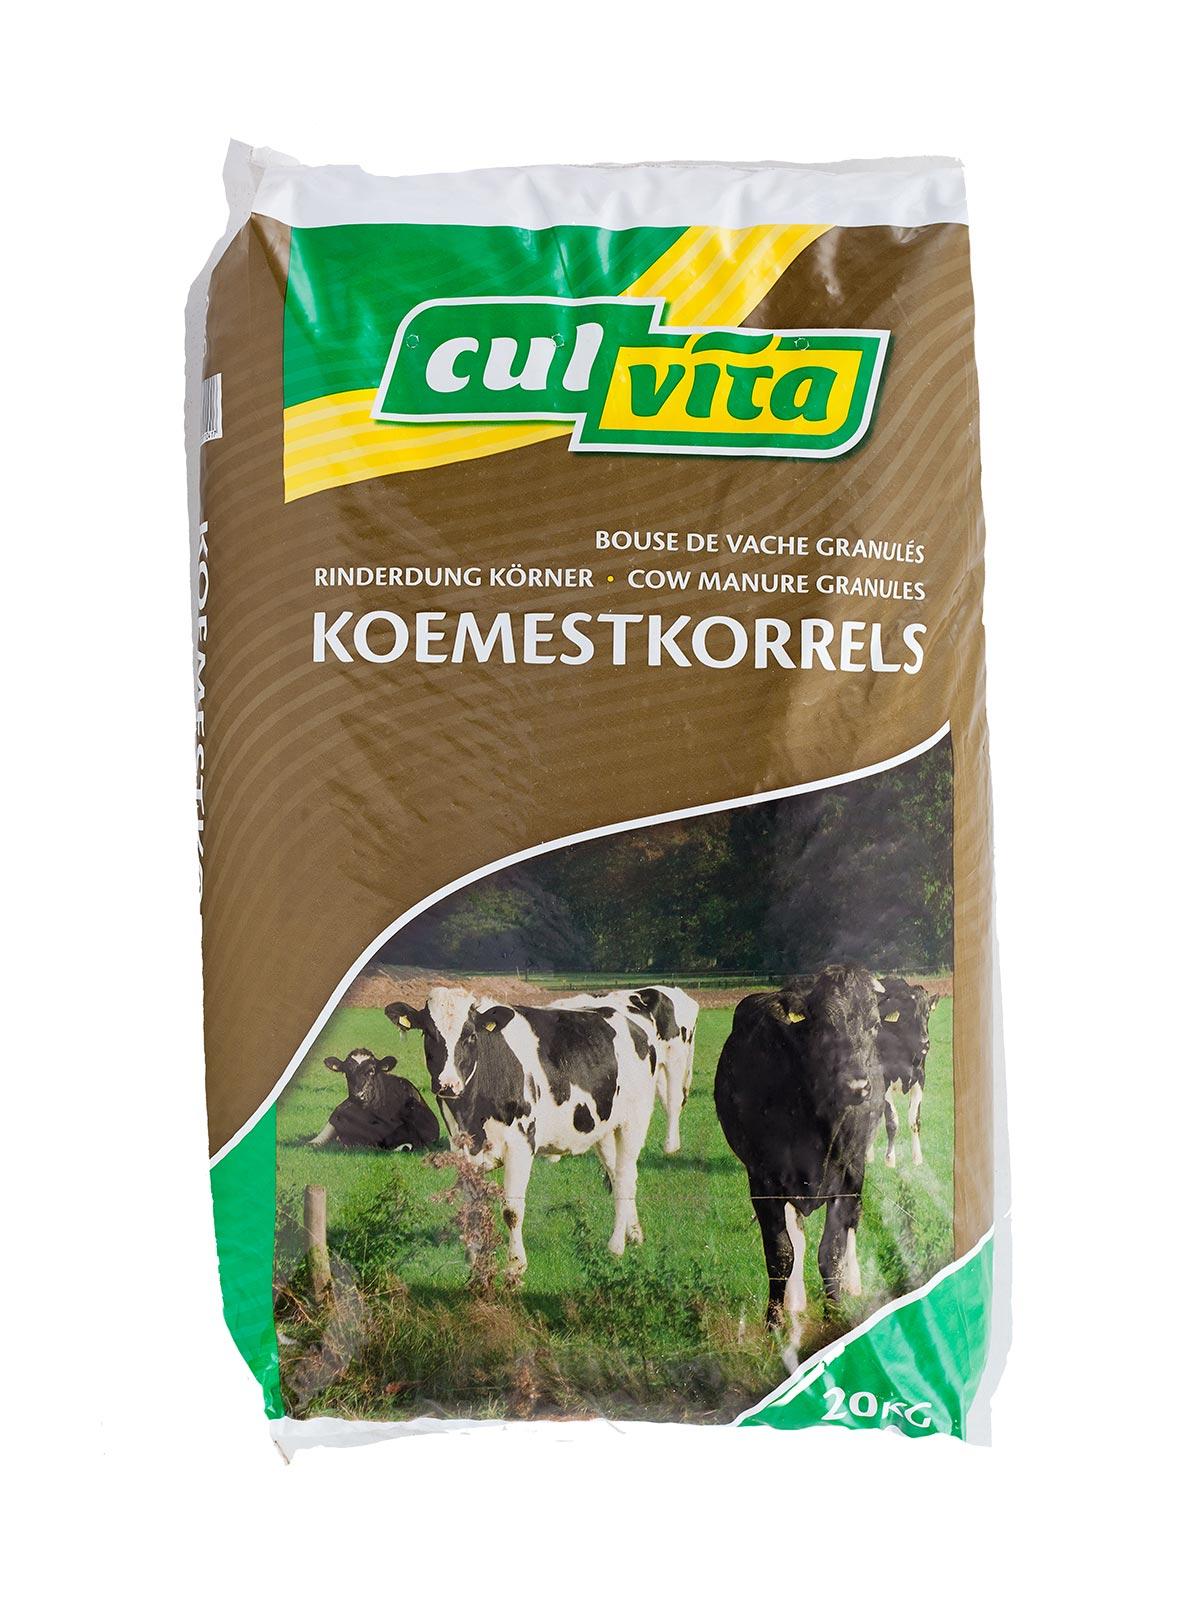 Culvita Organische Koemestkorrels | Culvita.nl